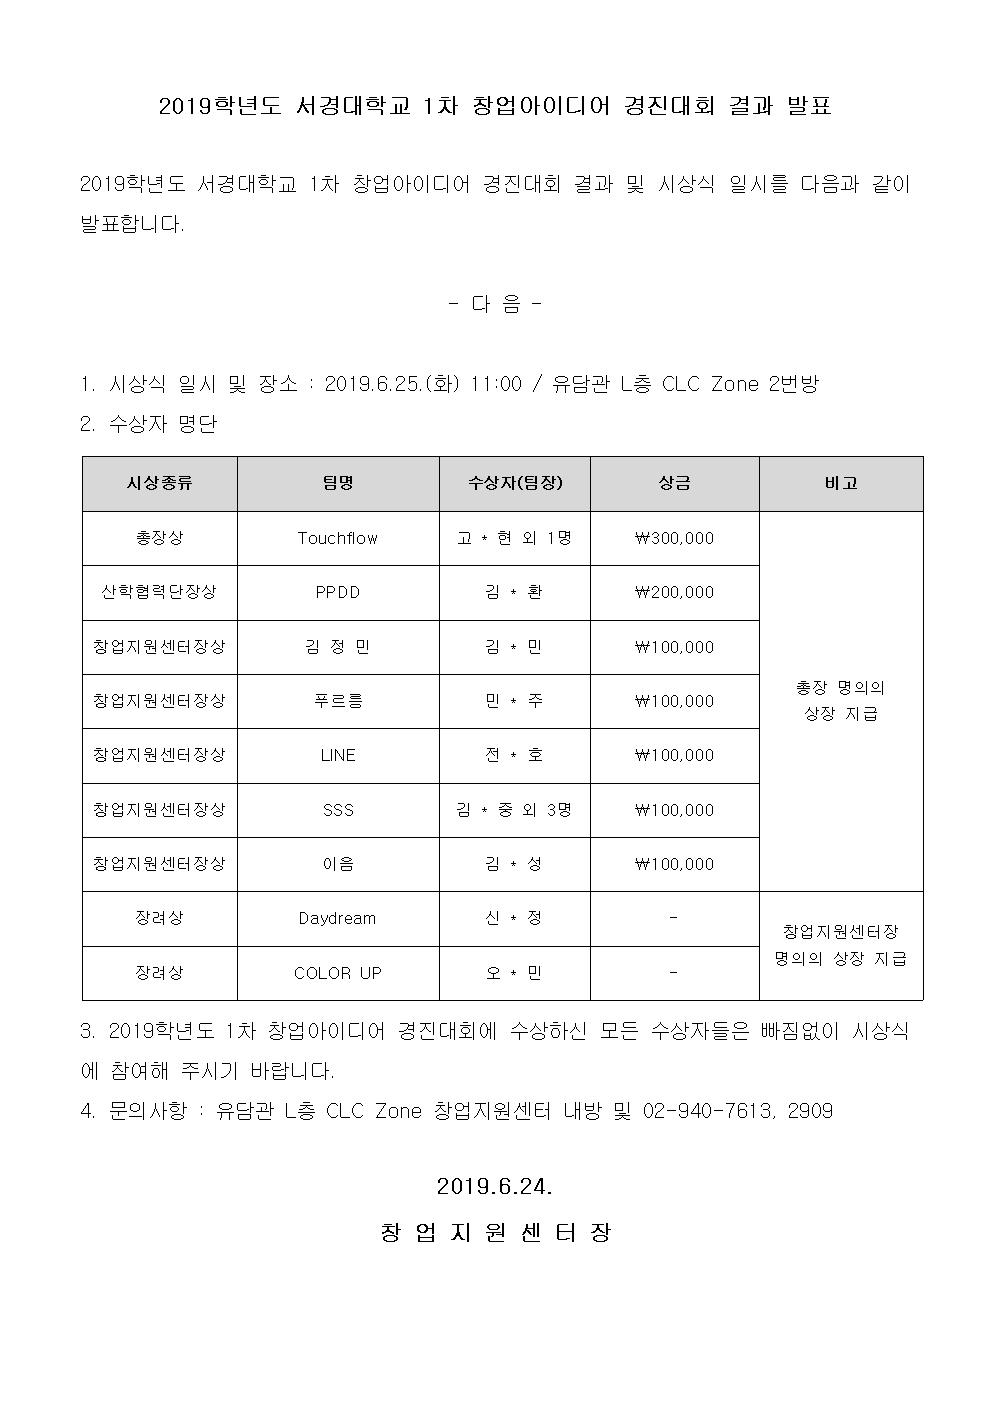 2019학년도 서경대학교 1차 창업아이디어 경진대회 결과 발표.png